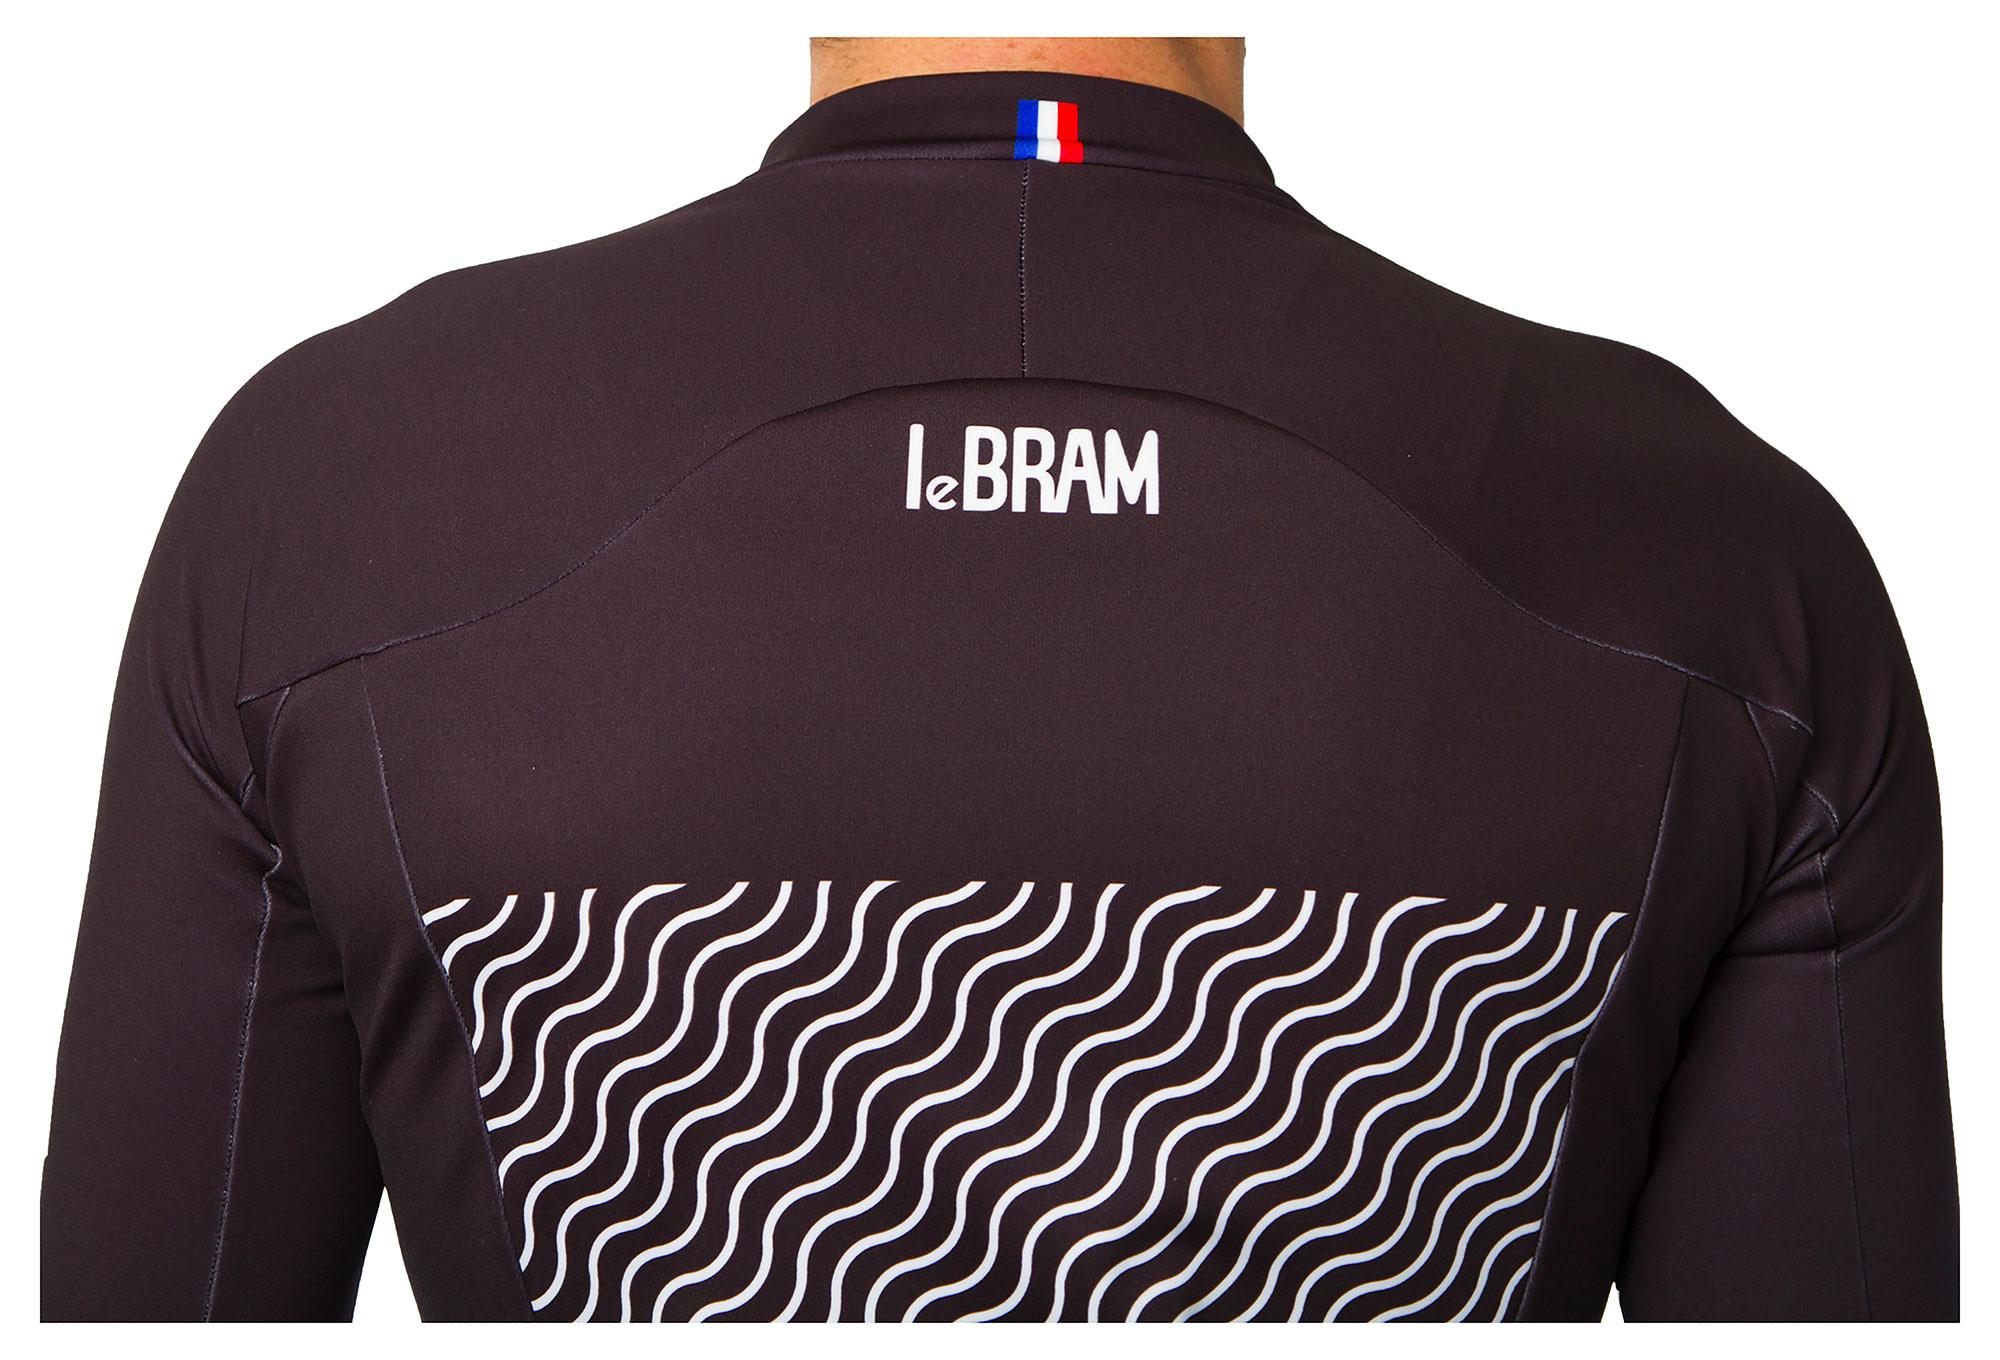 LeBRAM-Maillot-Pluie-Manches-Longues-Pailhères-Noir_8001_2